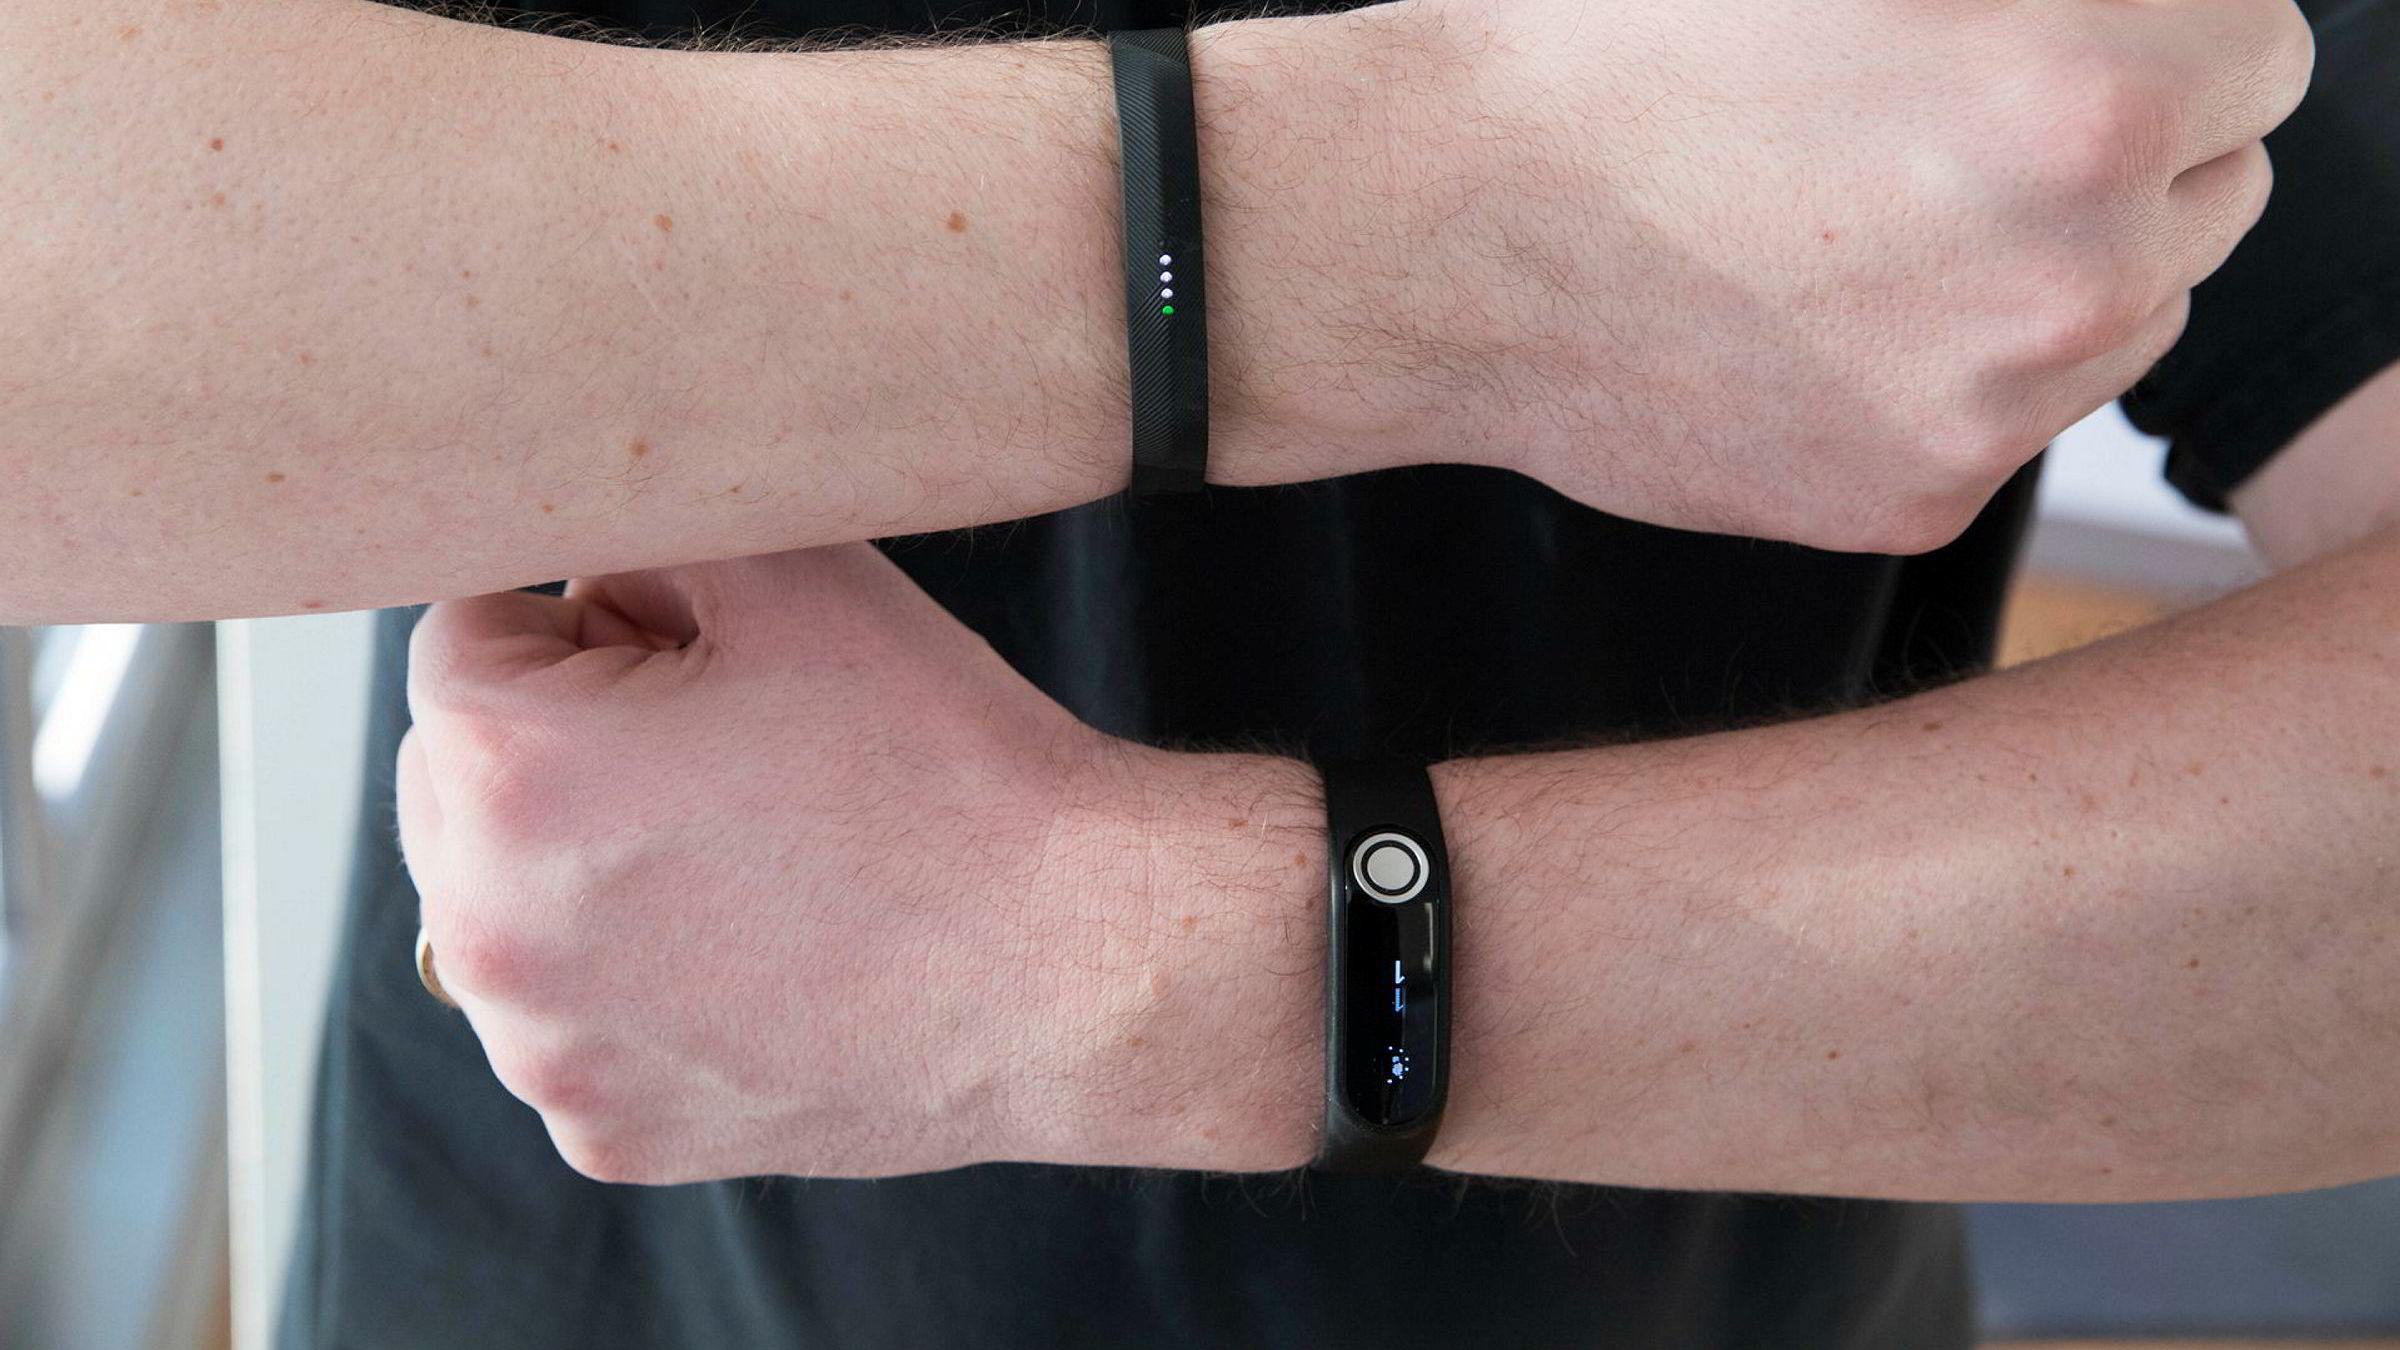 Fitbit Flex 2 (øverst) har ikke pulsmåler, men er veldig presis på kaloritelling likevel. TomTom Touch kan måle hvor mye kroppsfett du har ved hjelp av bioelektriske impulser.